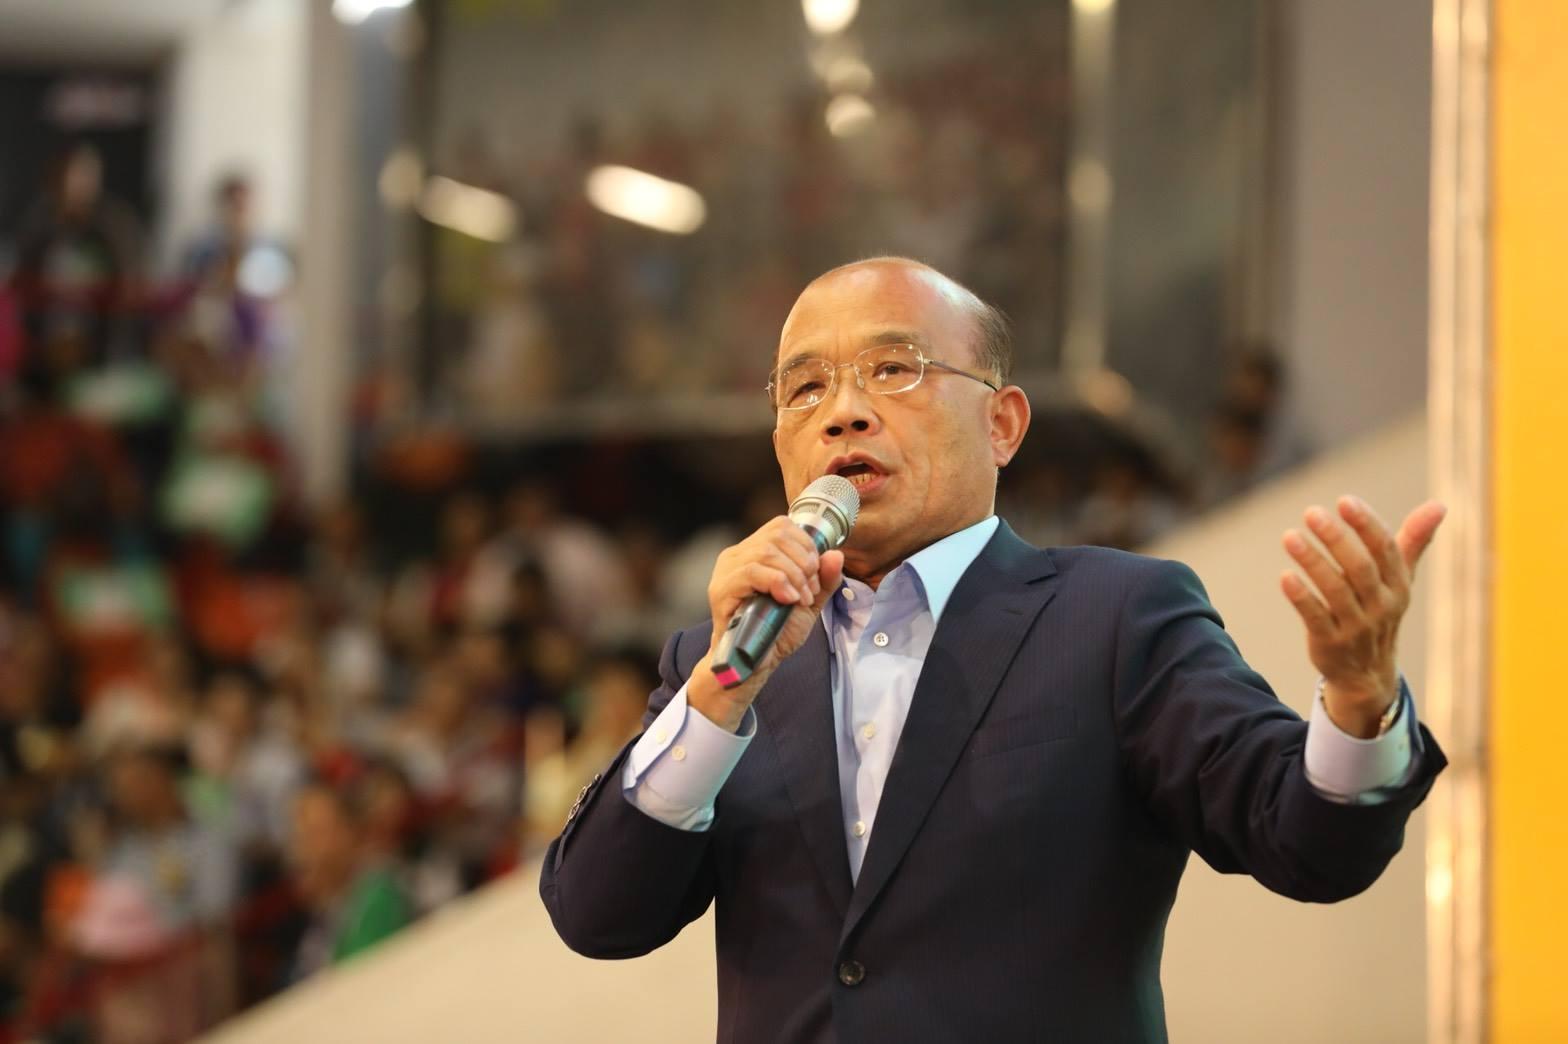 你覺得呢?綠委提台灣英譯改名 蘇貞昌大喊母湯回「台灣更有名!」